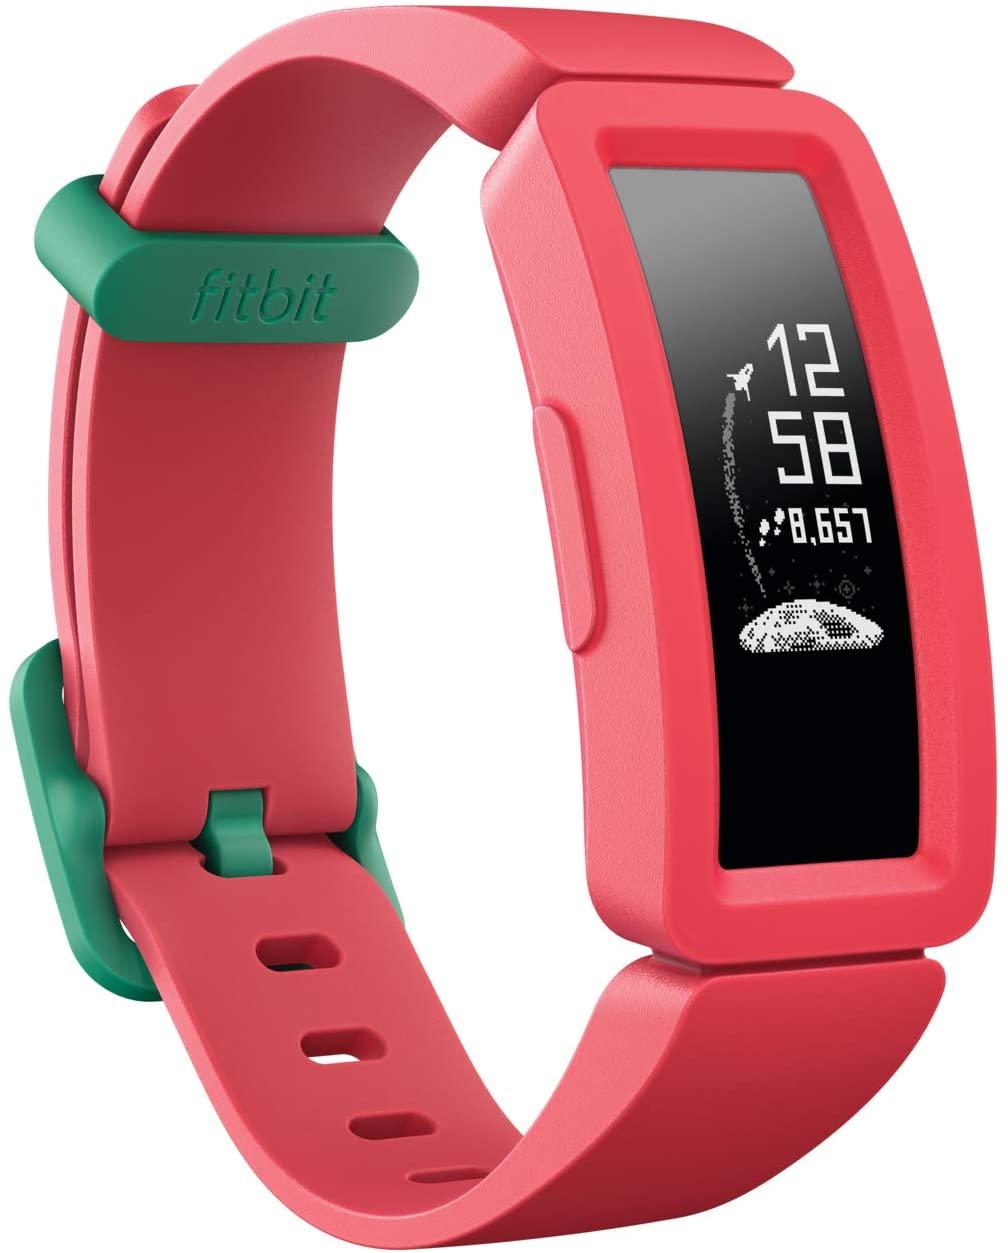 Fitbit Ace 2 watermelon colour £20.00 @ Amazon